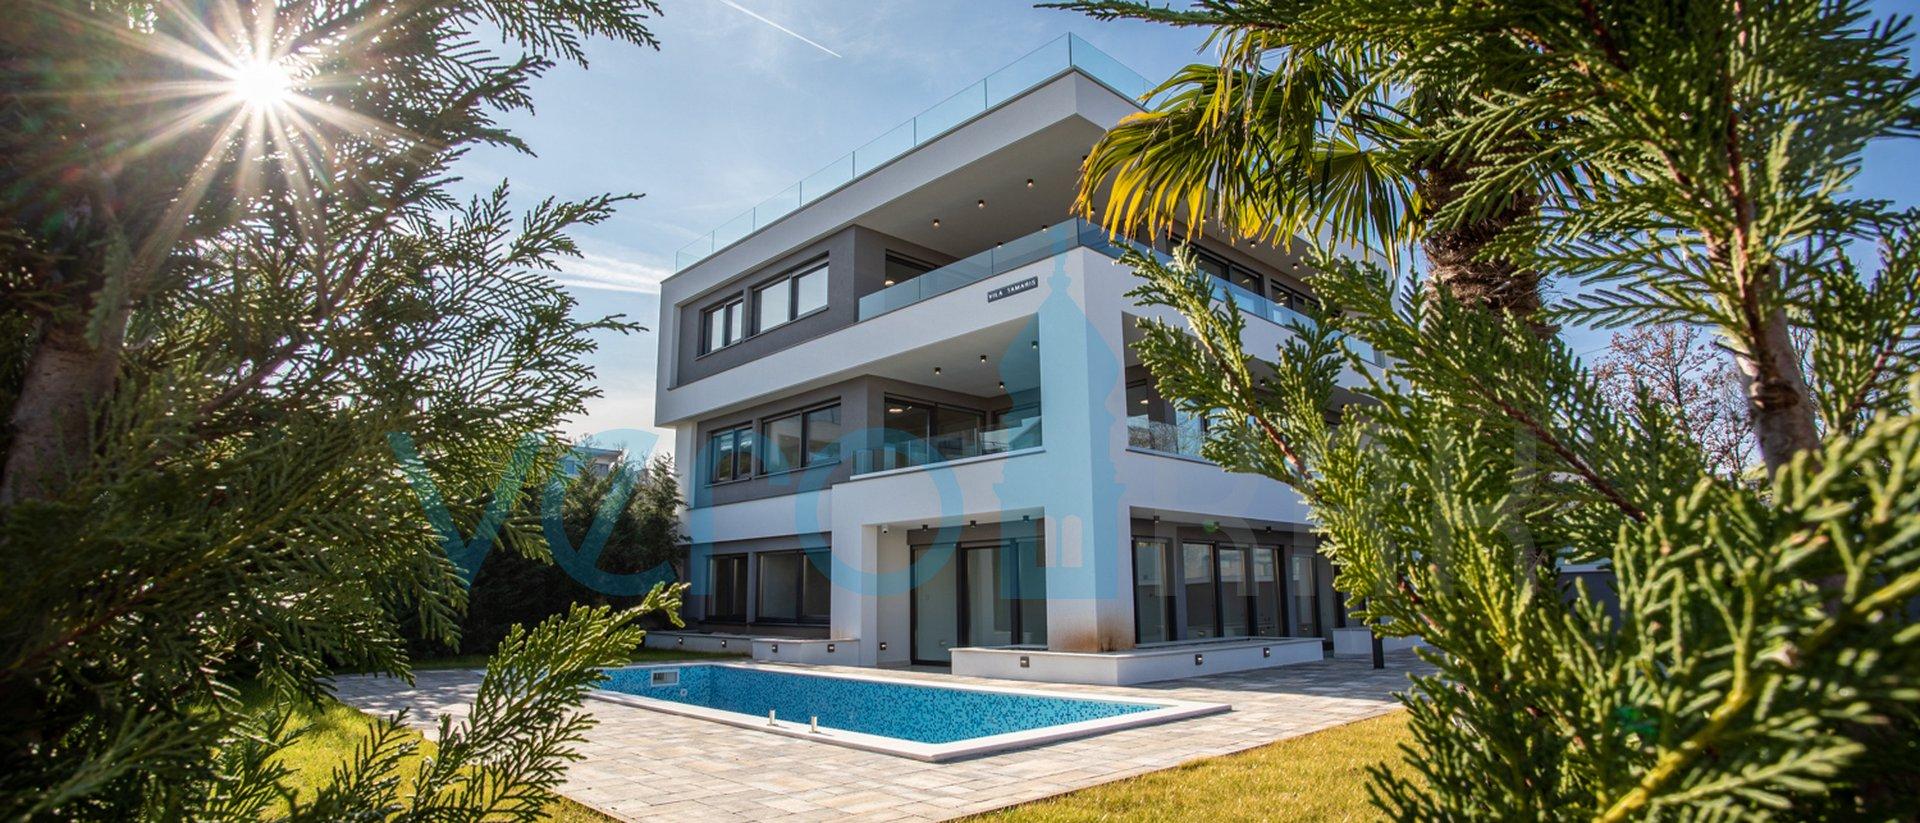 Malinska, otok Krk, ekskluzivni apartman u prizemlju sa bazenom i pogledom na more